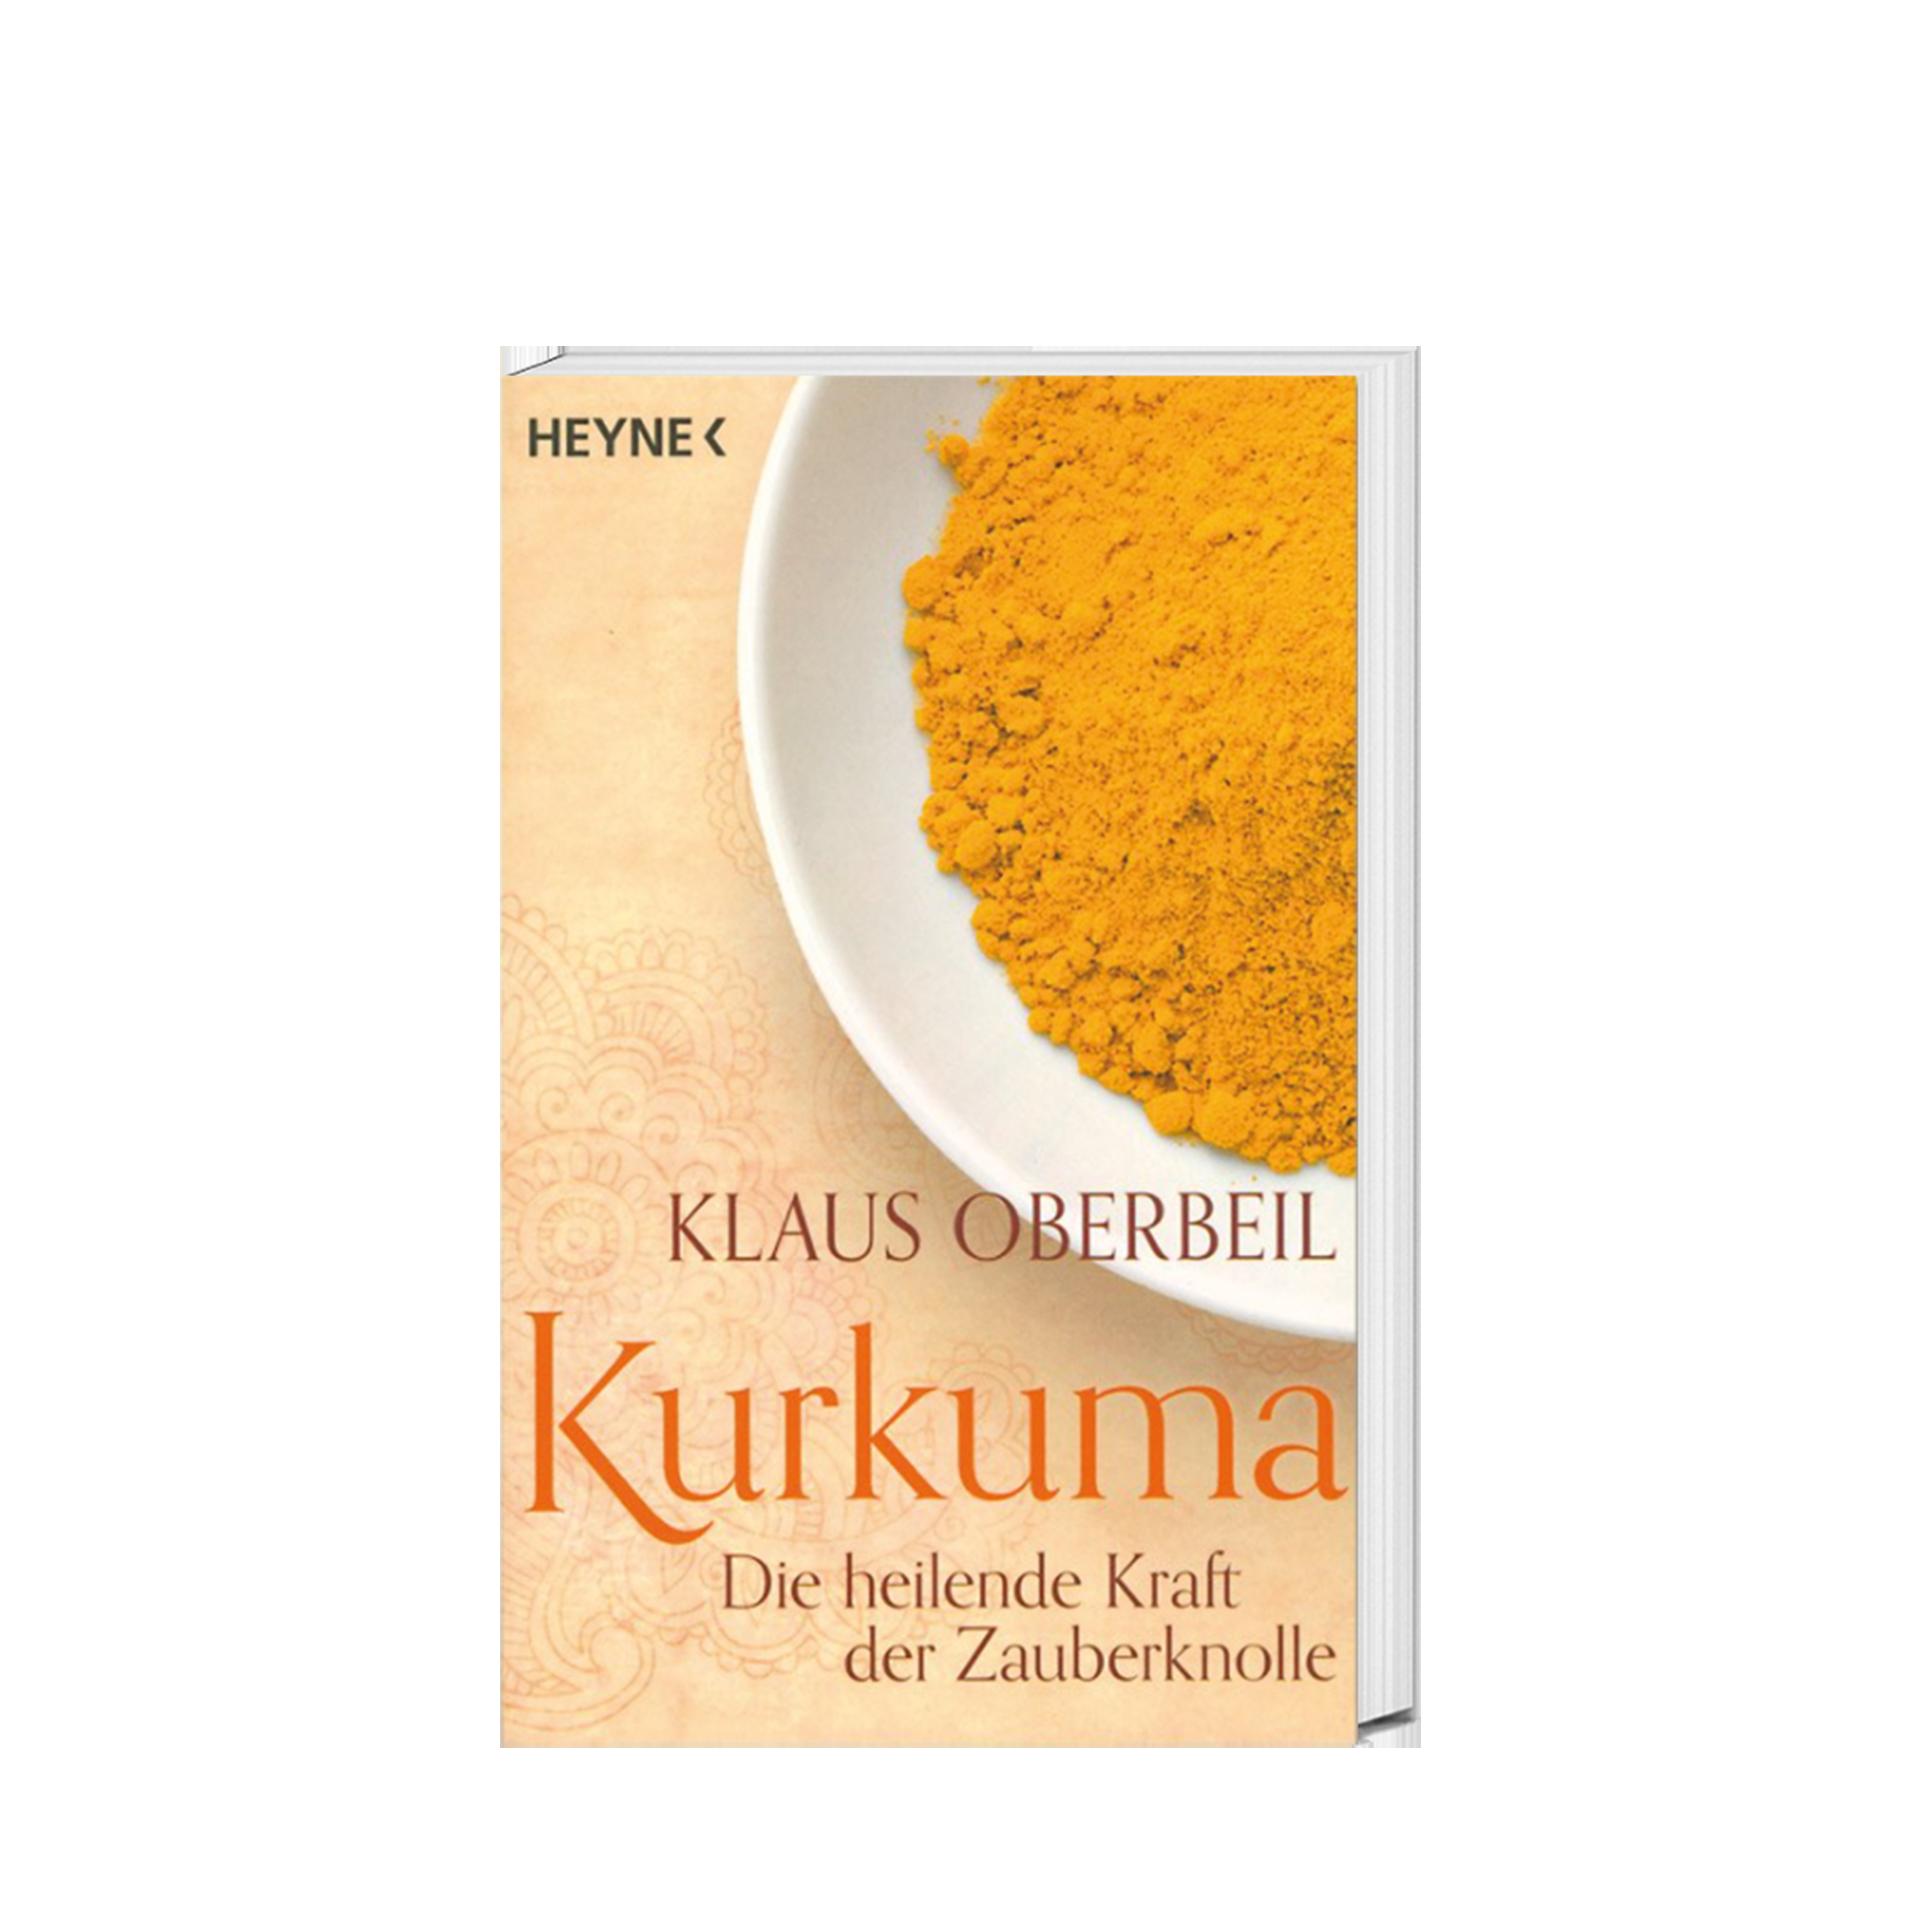 Kurkuma, 192 Seiten